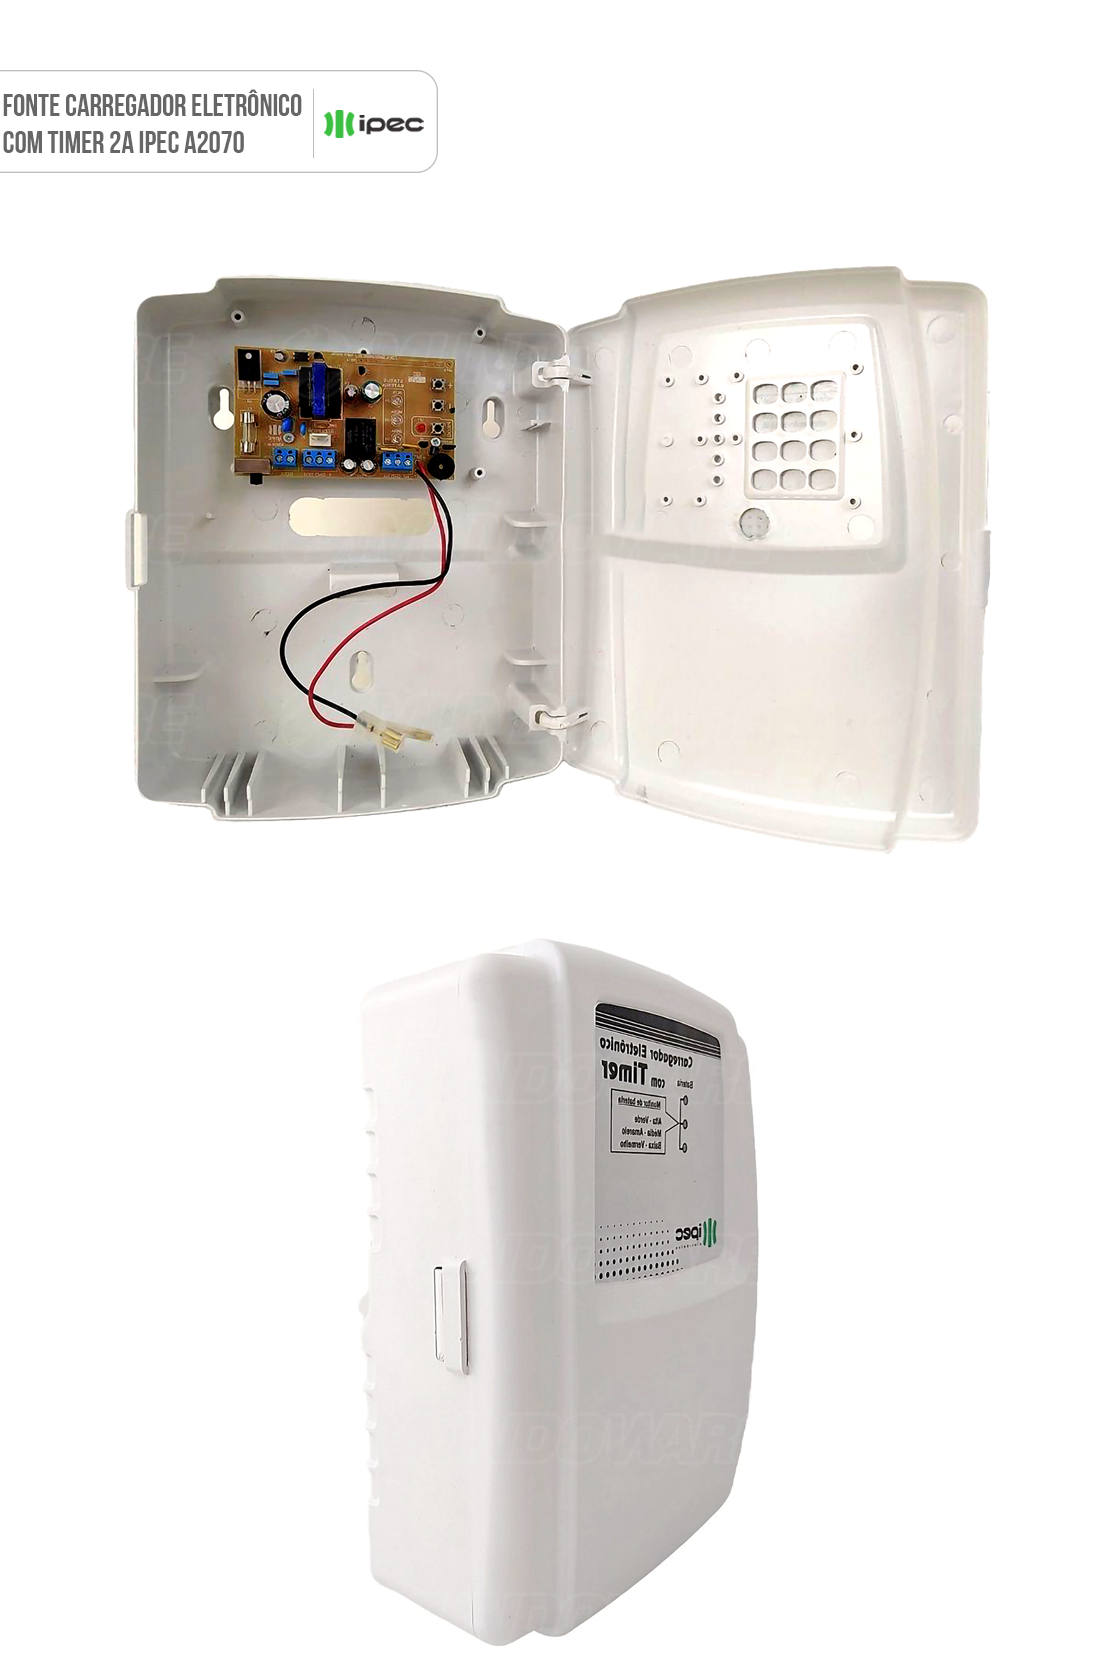 Fonte Carregador Eletrônico com Timer 2A IPEC A2070